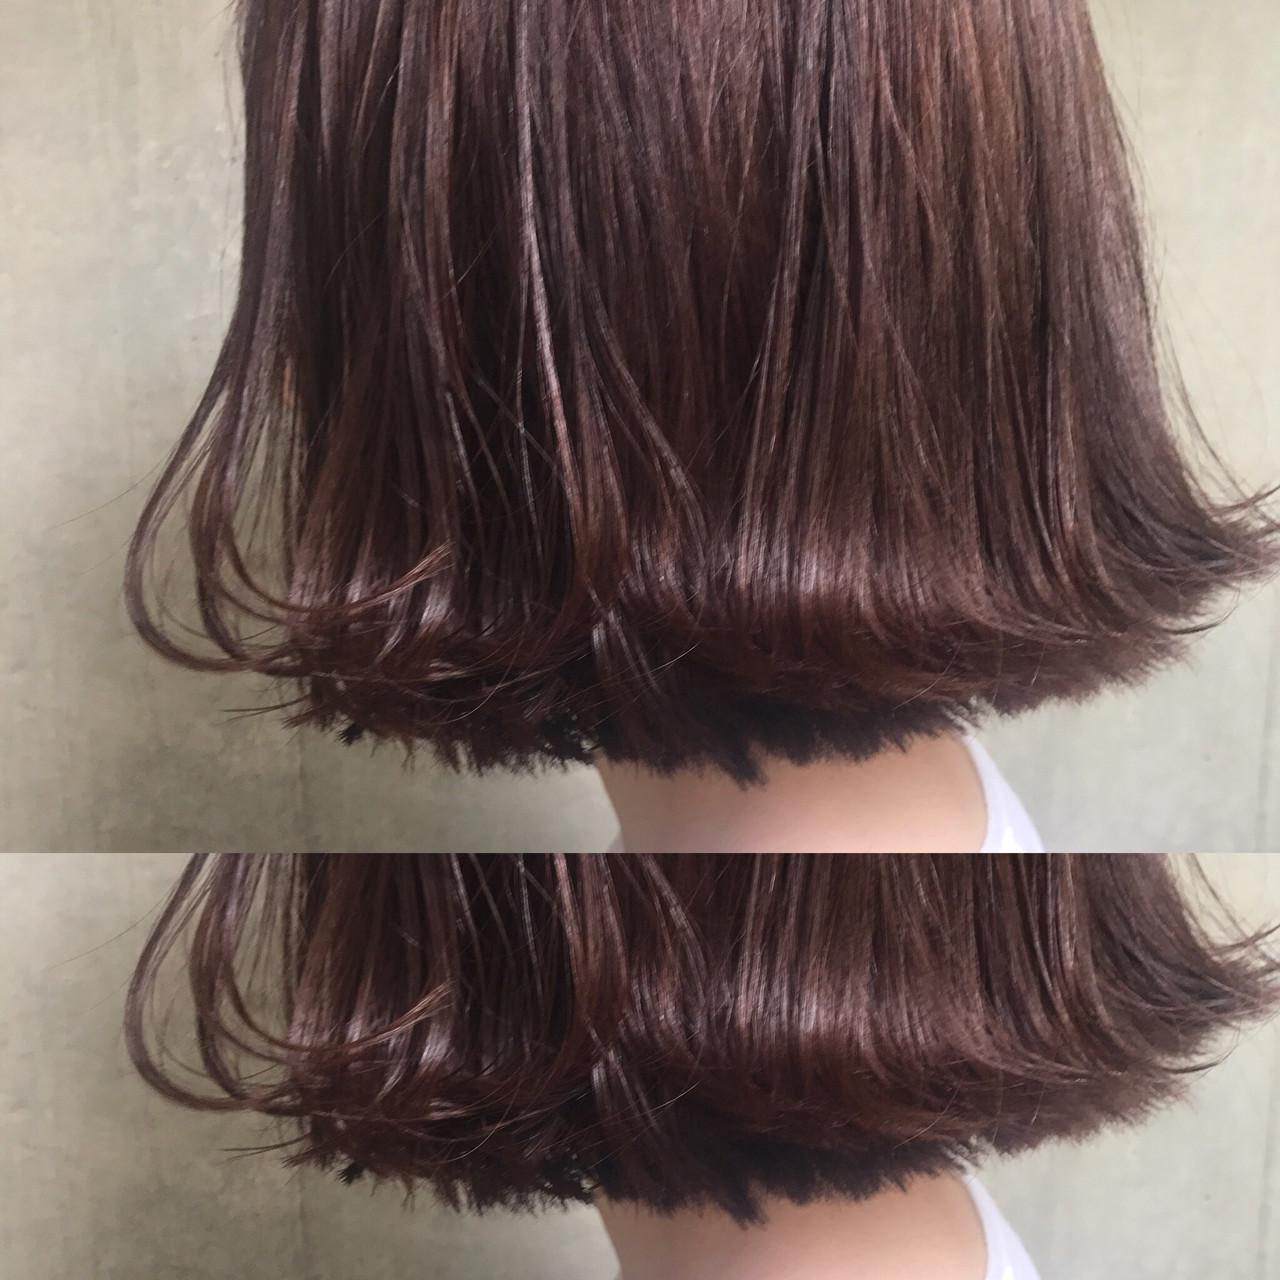 デート モード ニュアンス アッシュヘアスタイルや髪型の写真・画像